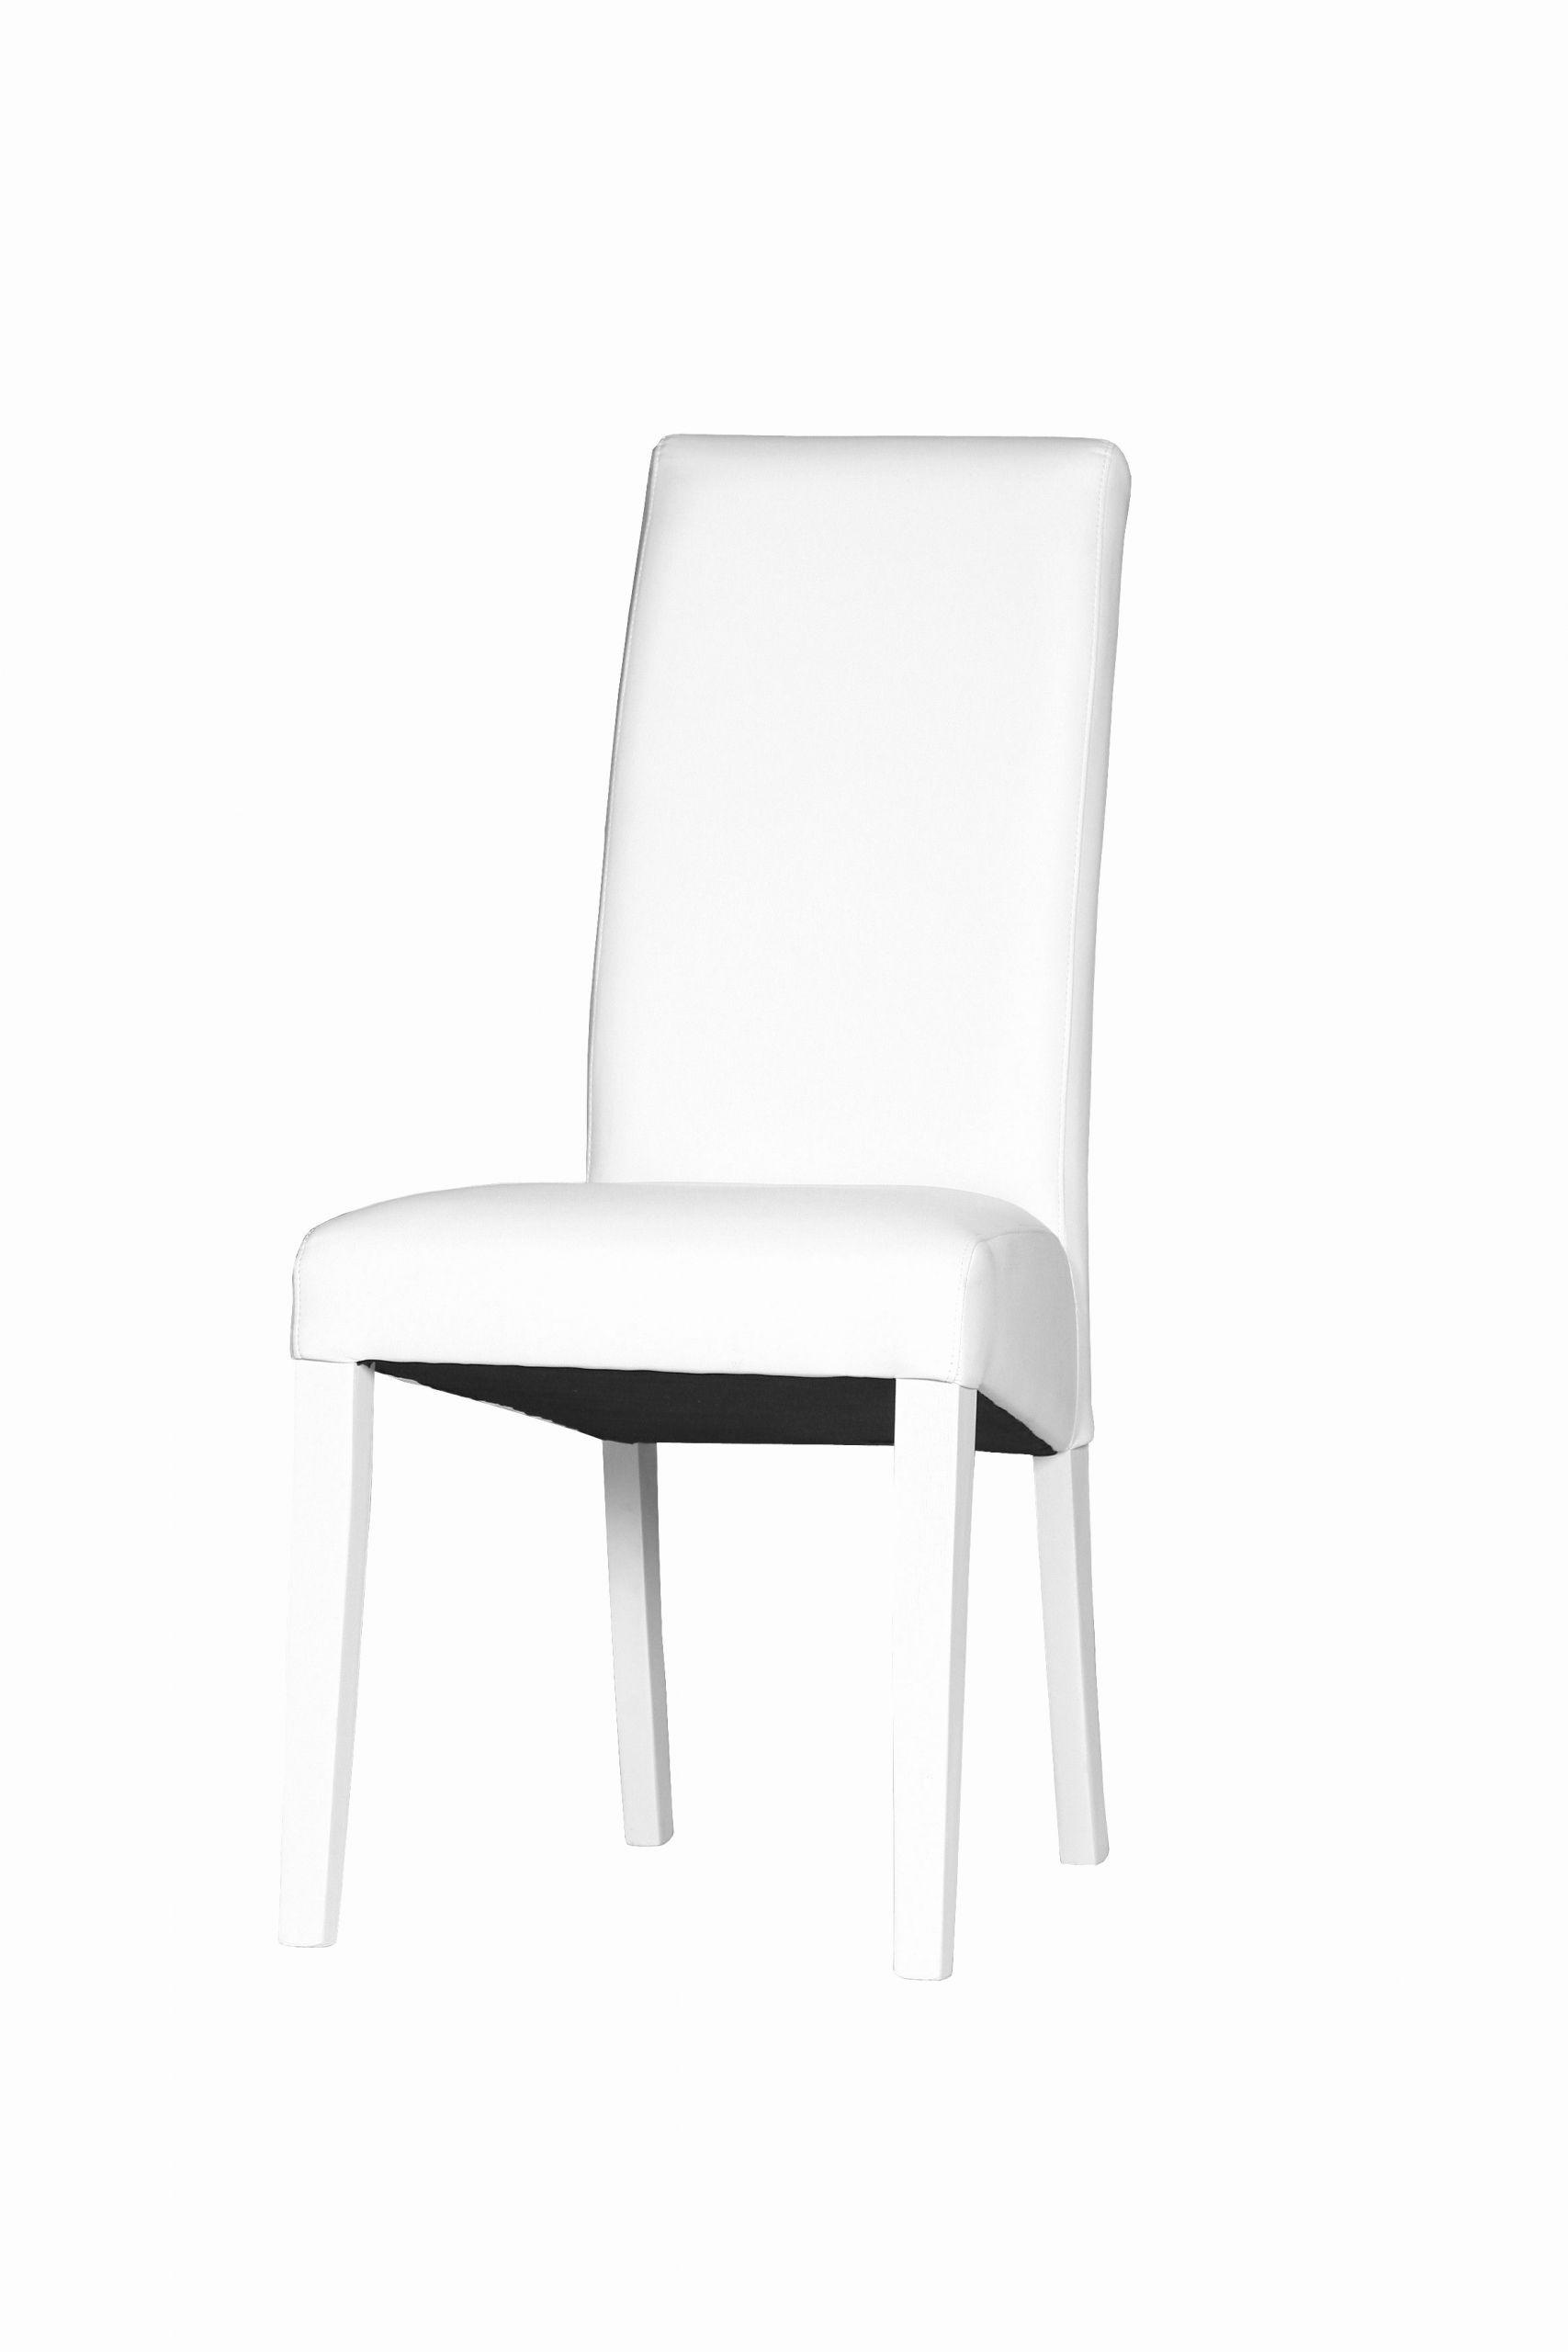 fauteuil le plus confortable du monde charmant chaise jardin fer et fauteuil le plus confortable du monde meilleur of fauteuil le plus confortable du monde